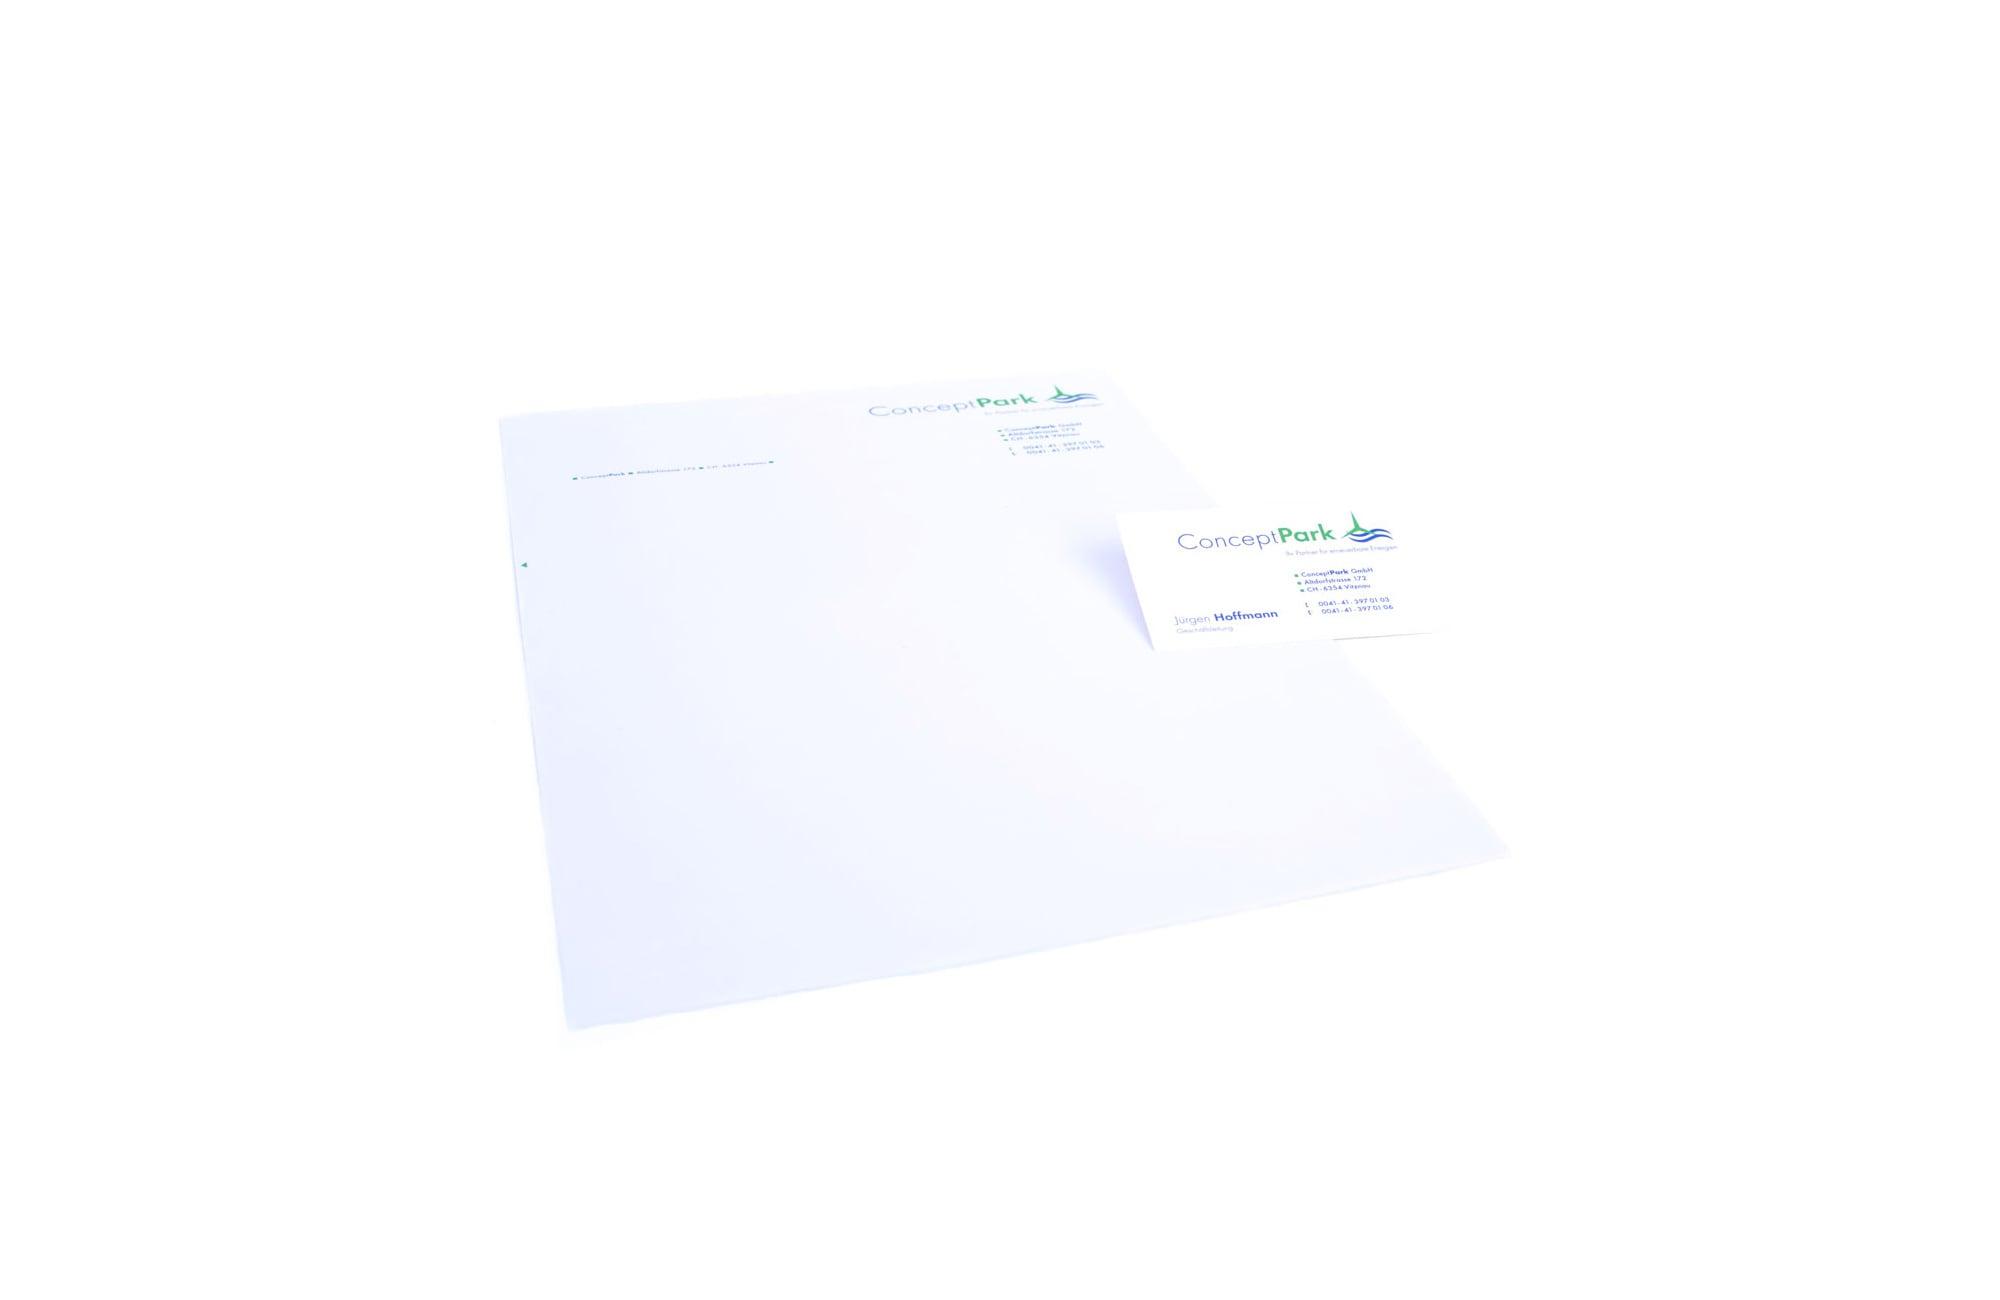 Briefpapier, Mitarbeiterkarte